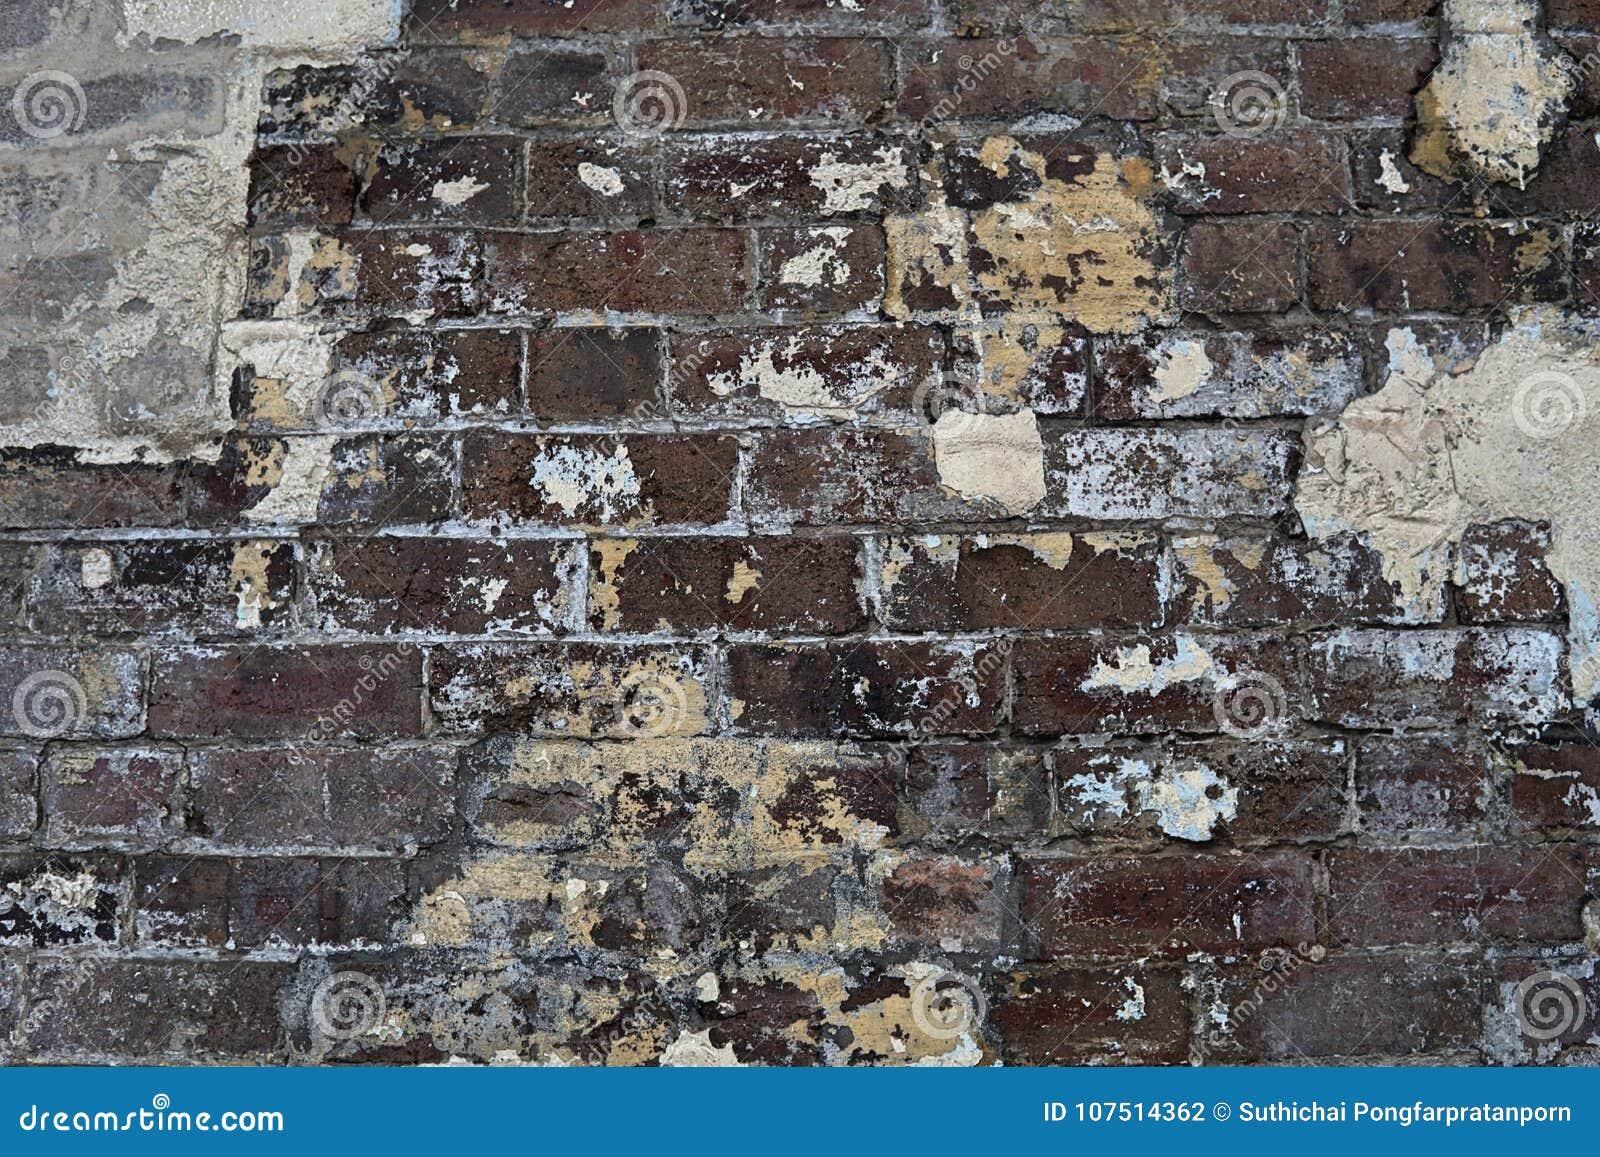 砖石墙背景和详细纹理patte的五谷图象